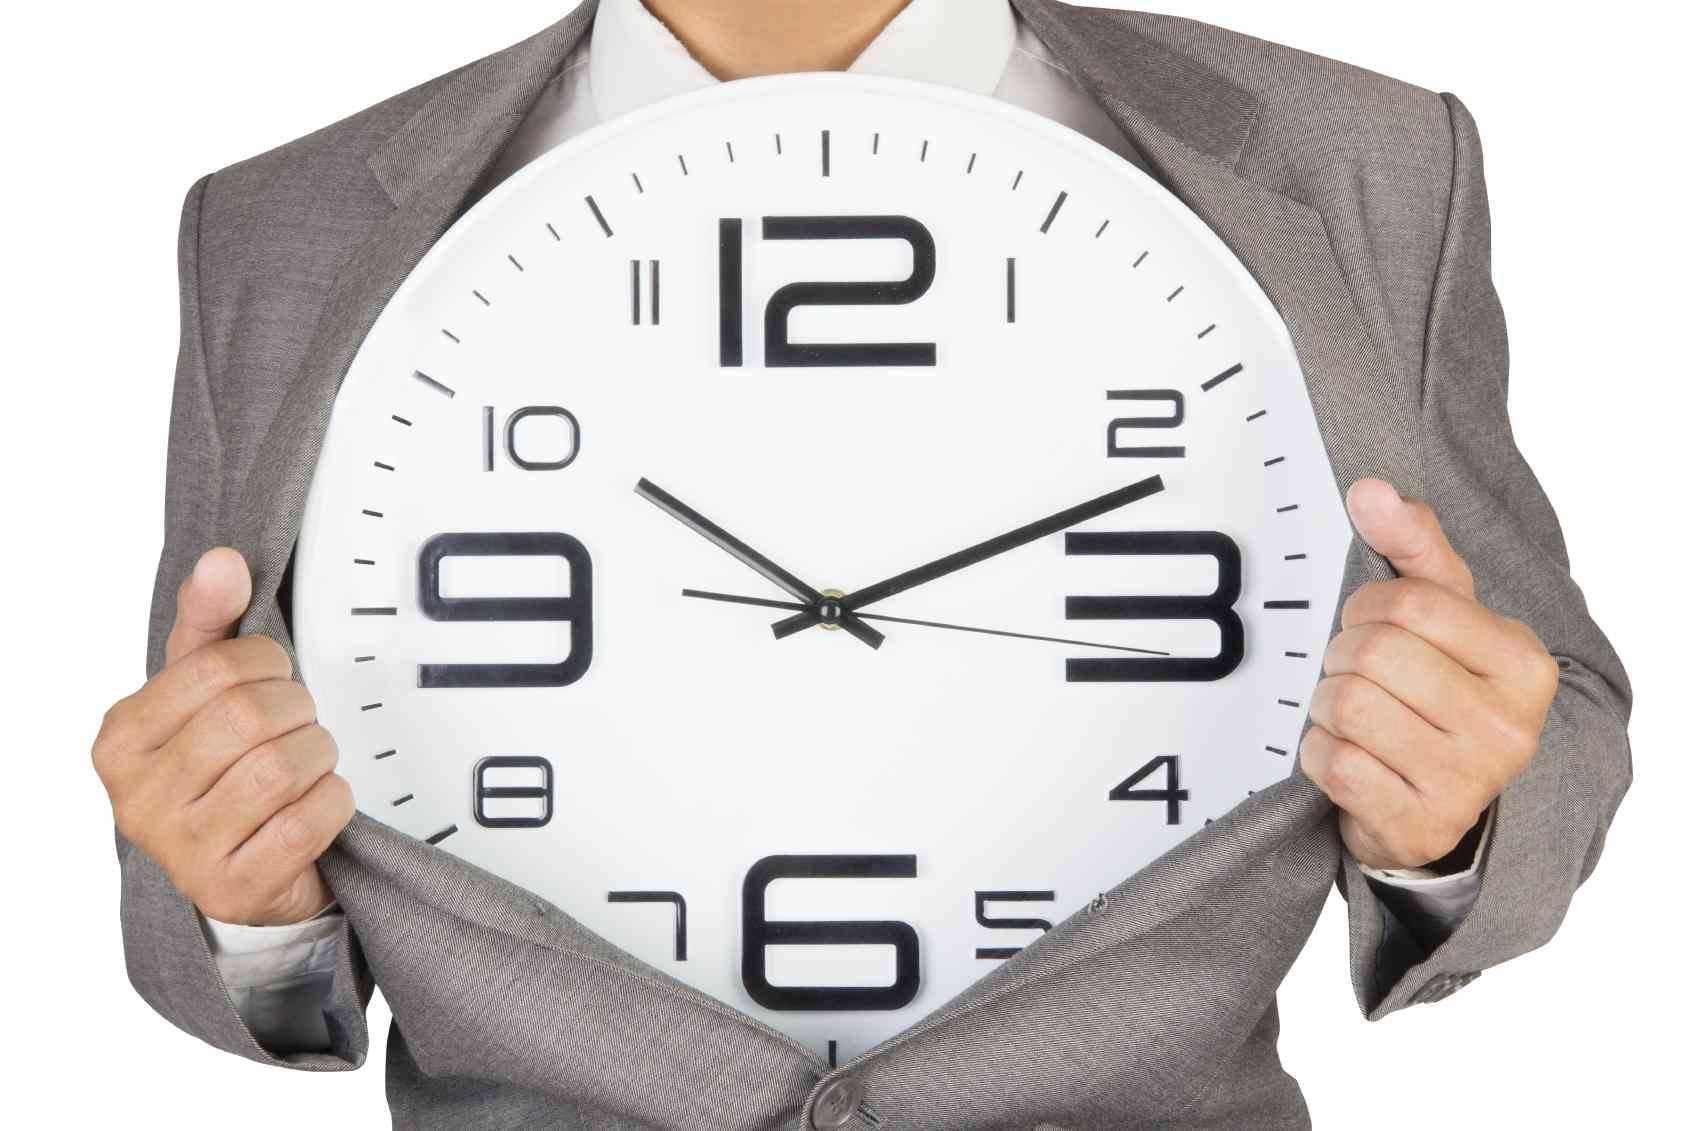 Прислушивайтесь к своим биологическим часам. Установите режим и придерживайтесь его. Каждое утро вы